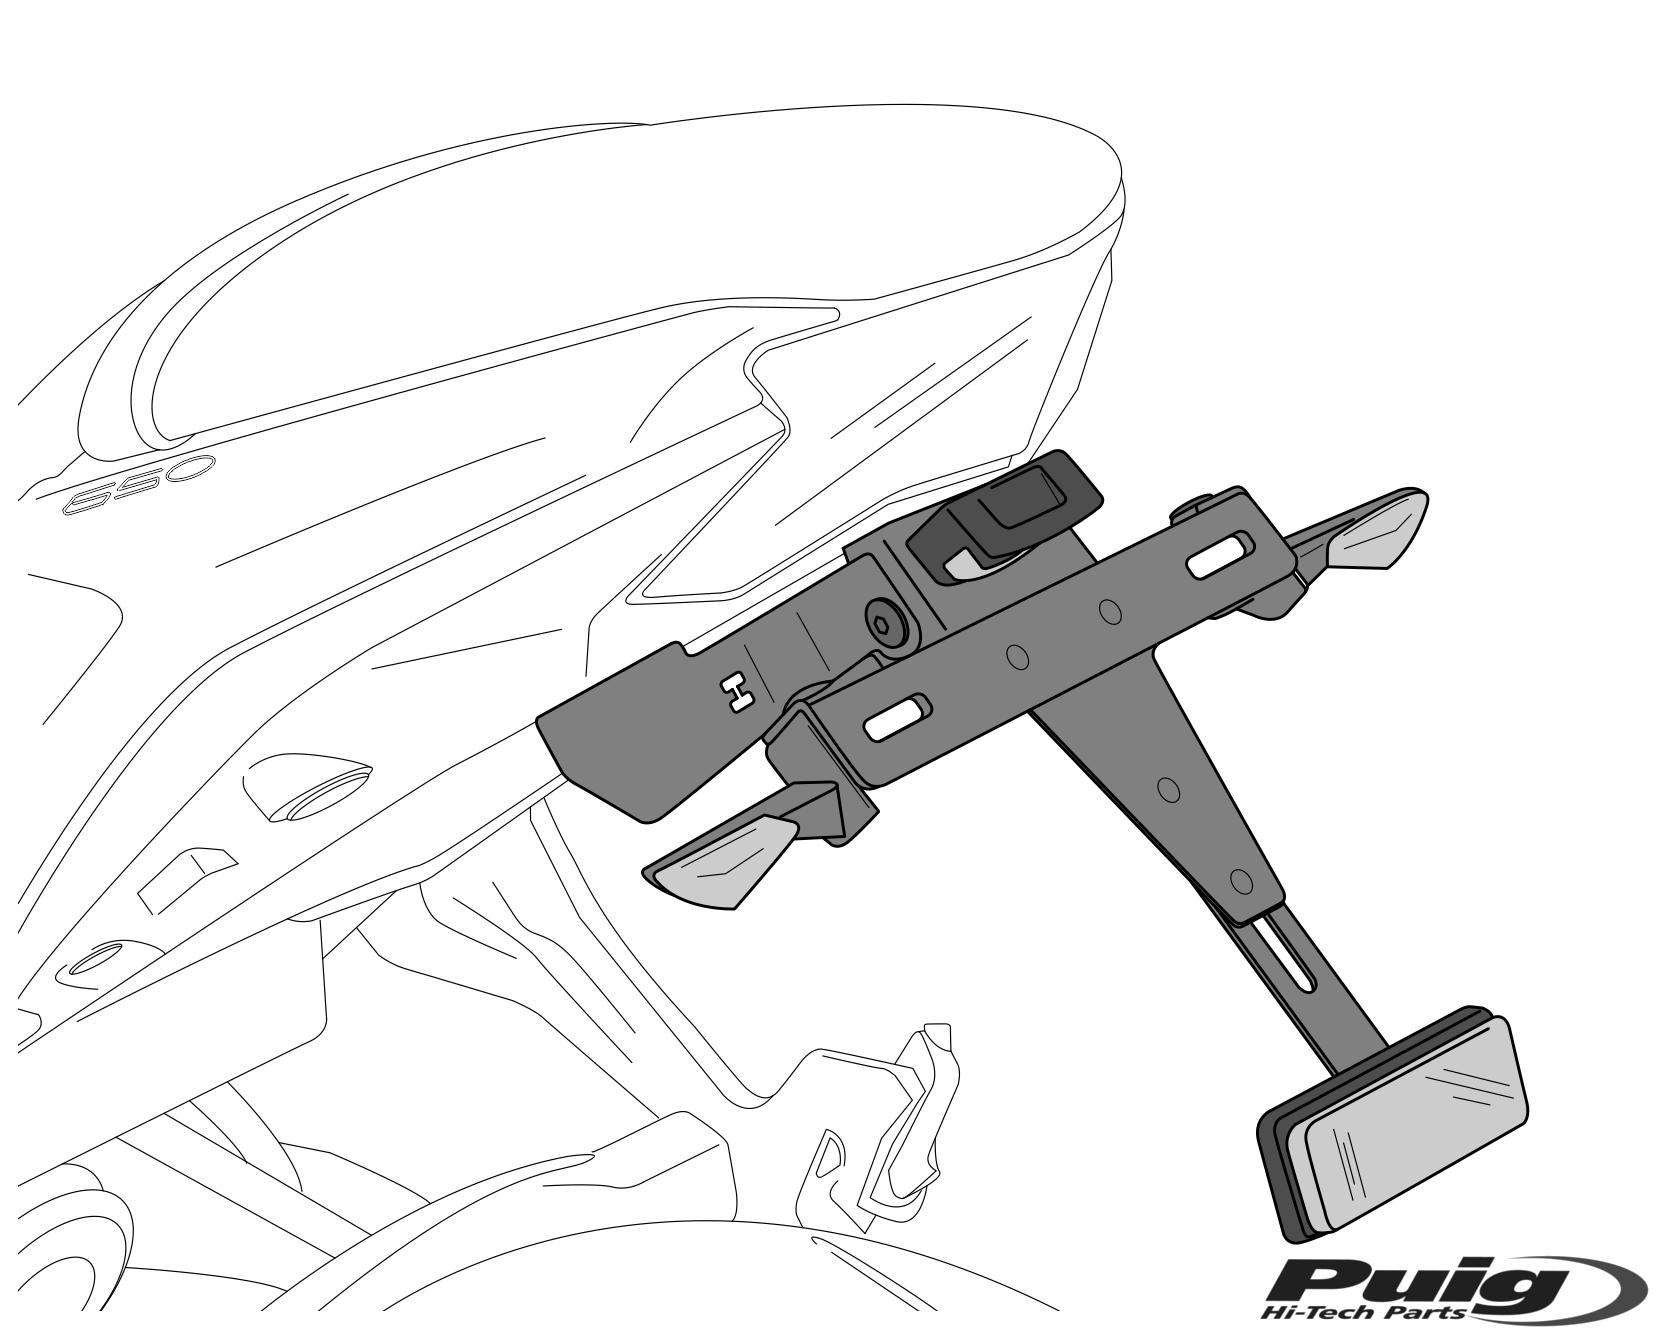 Productos Motoplastic Puig 2000 Ducati Monster Wiring Diagram Portamatrculas